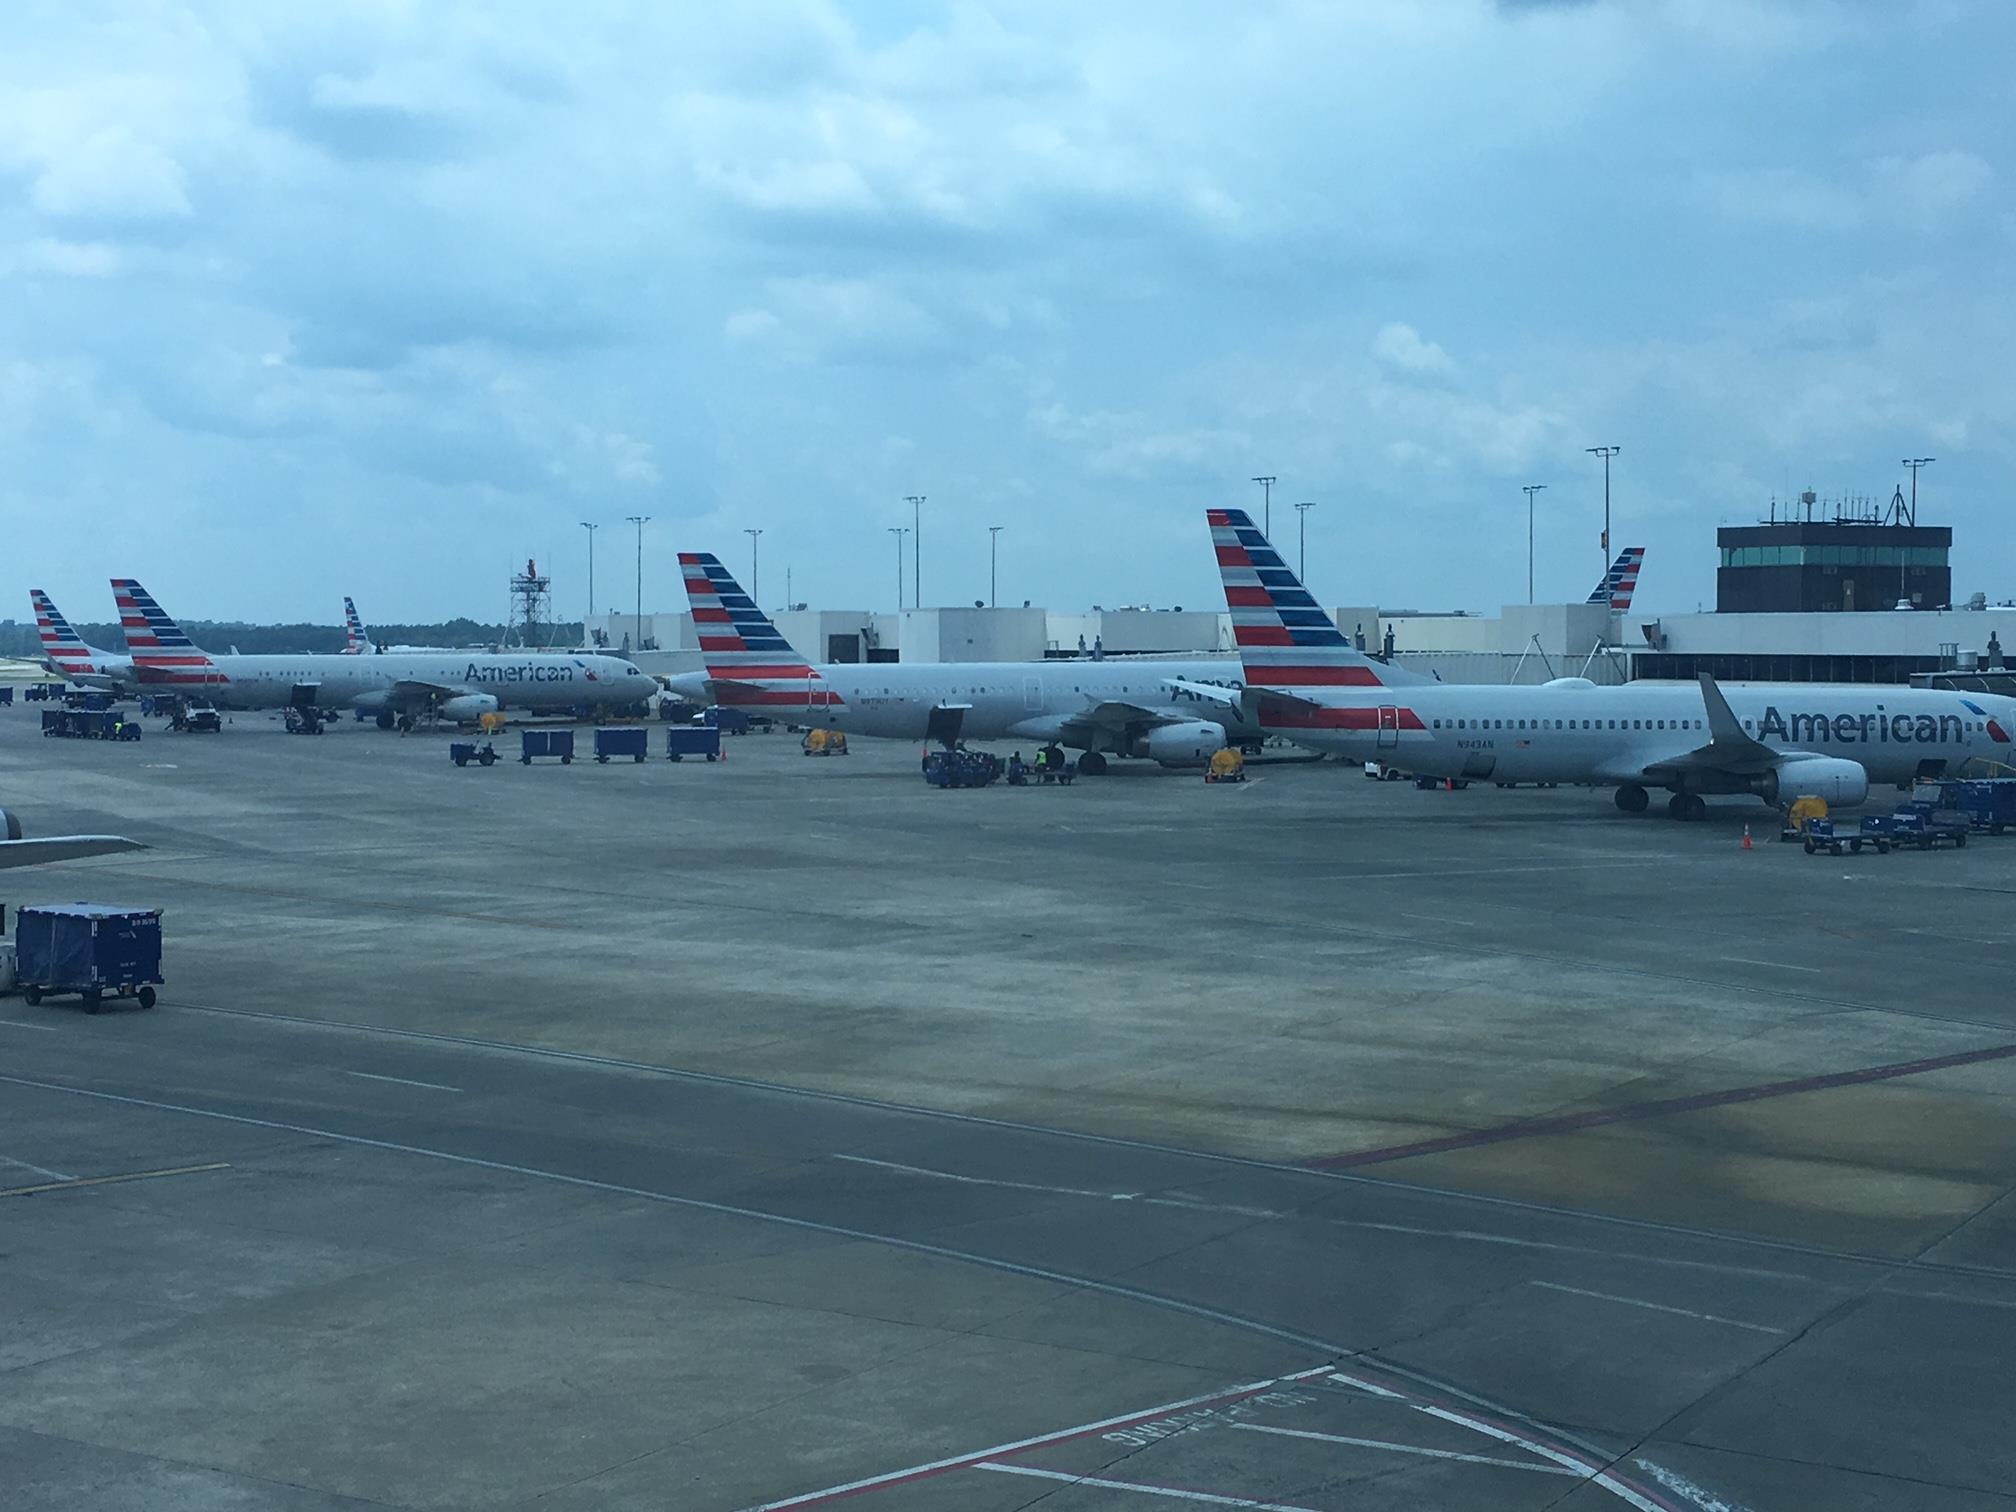 Airport American